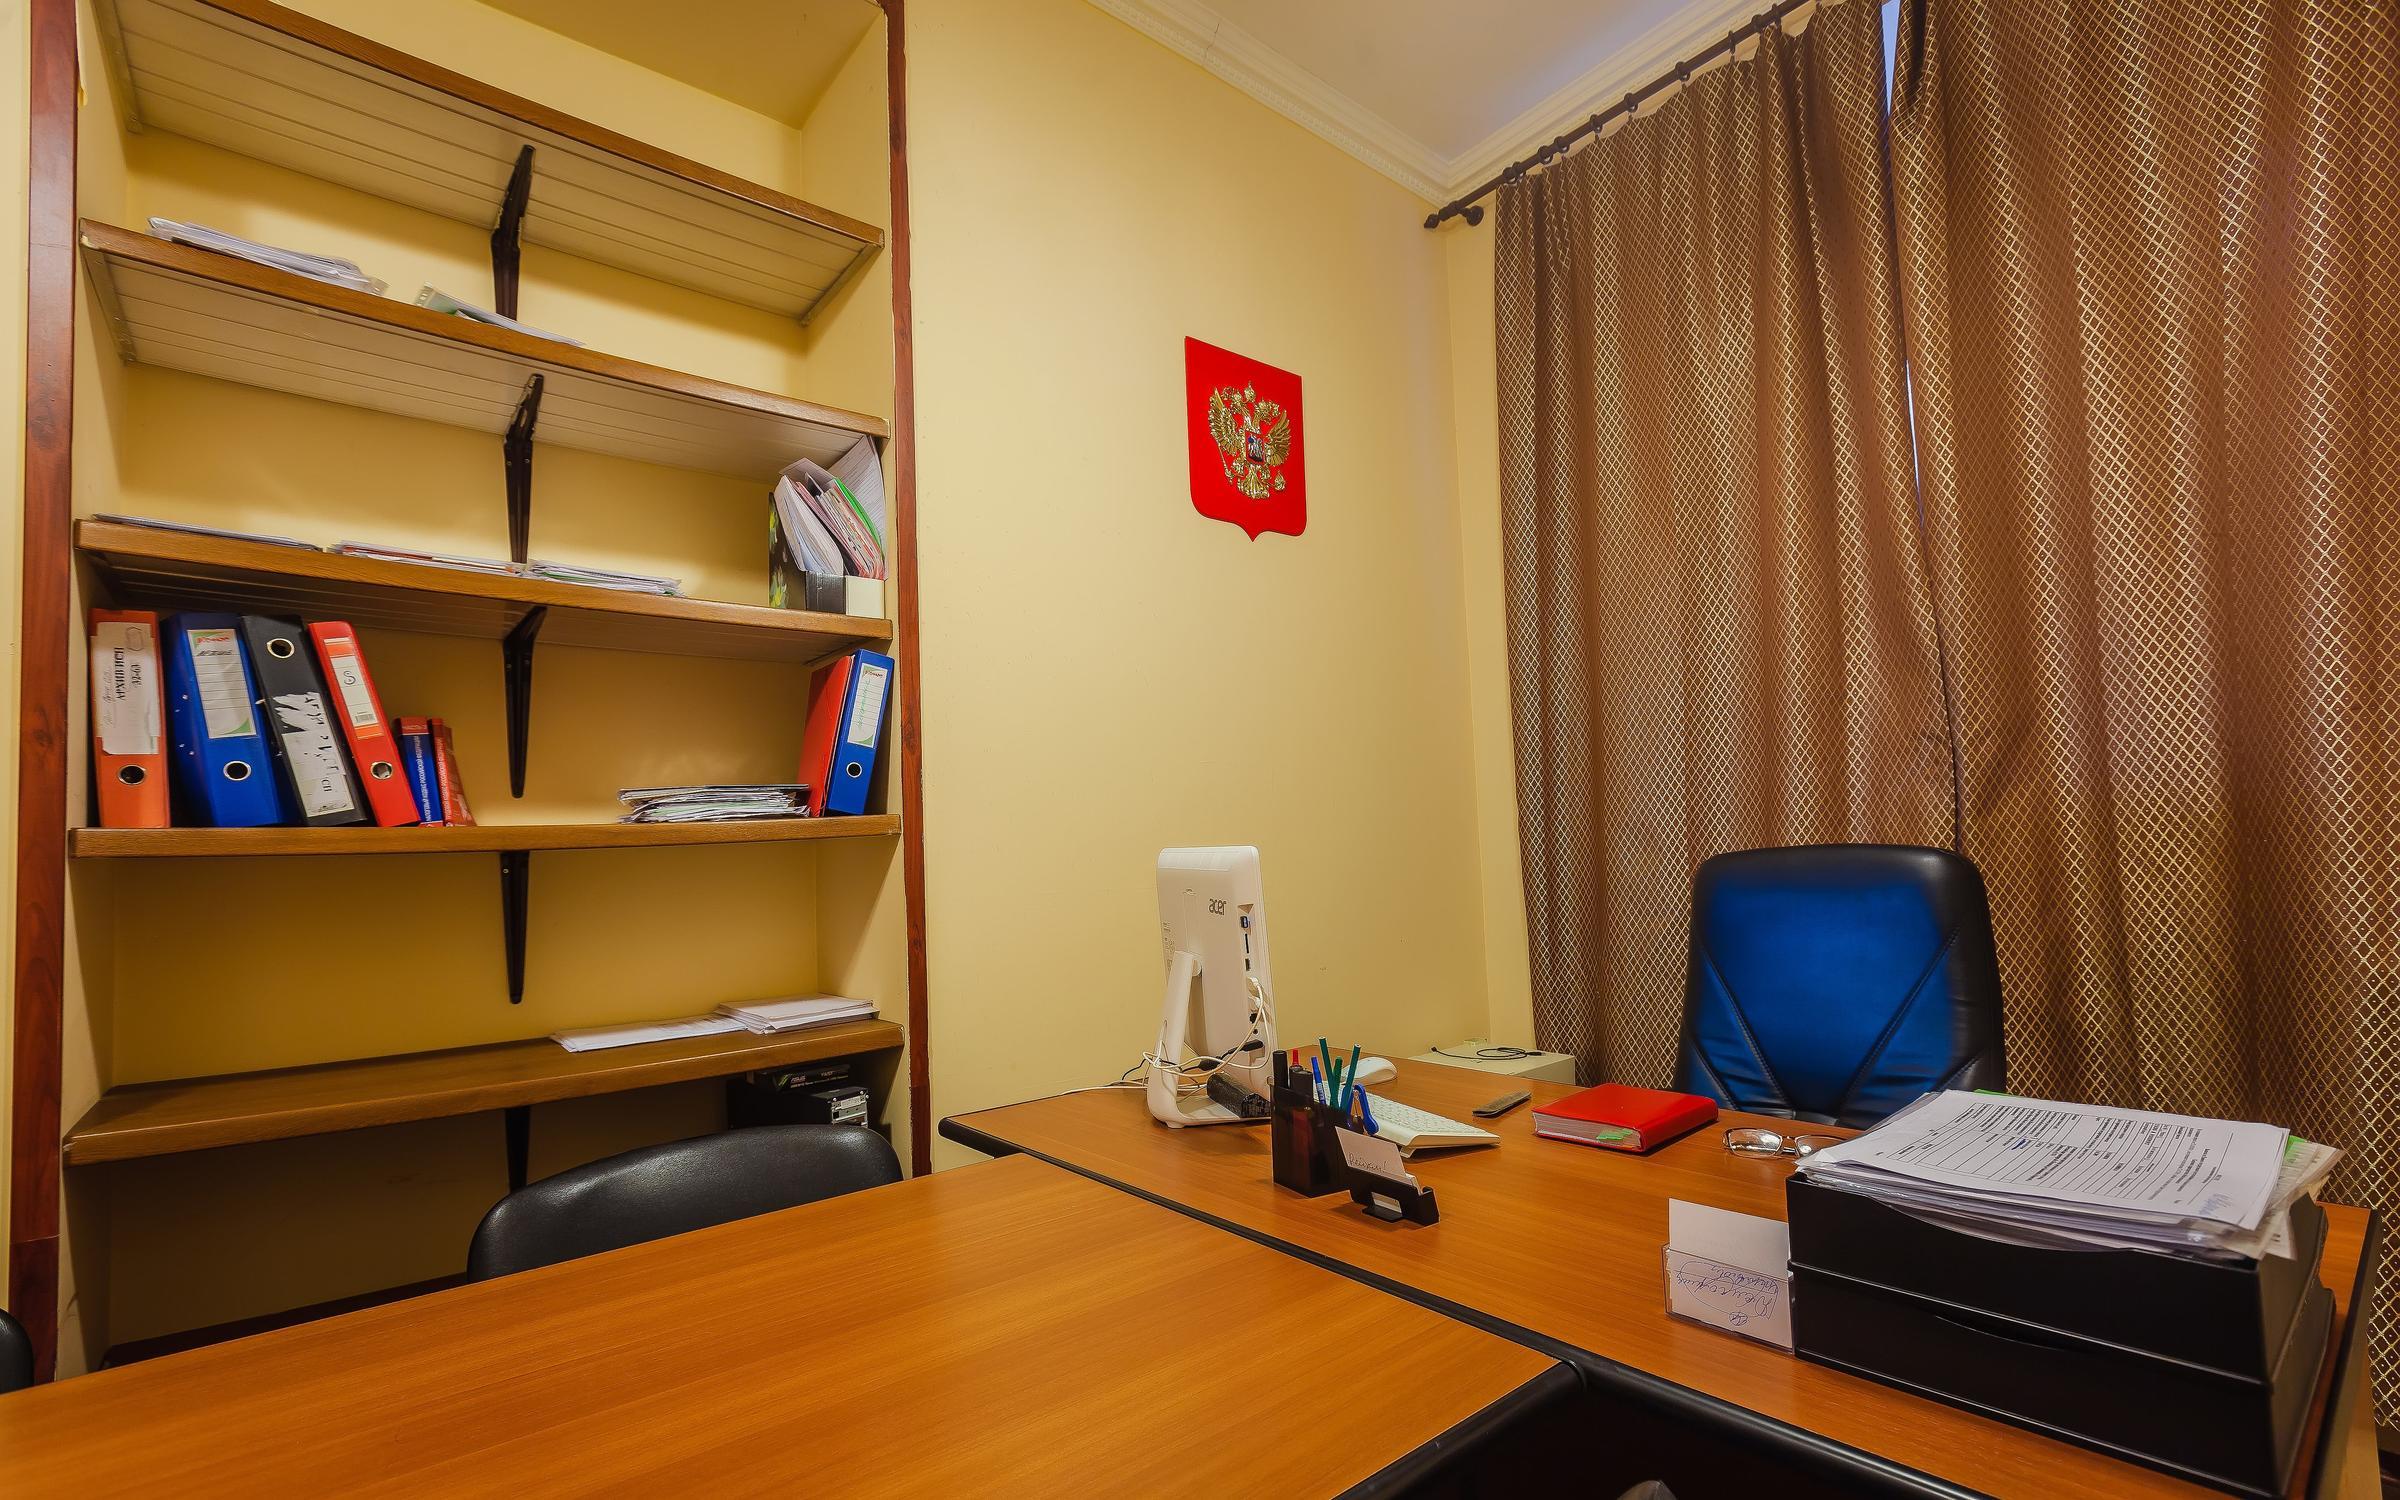 юридические консультации москвы новослободская